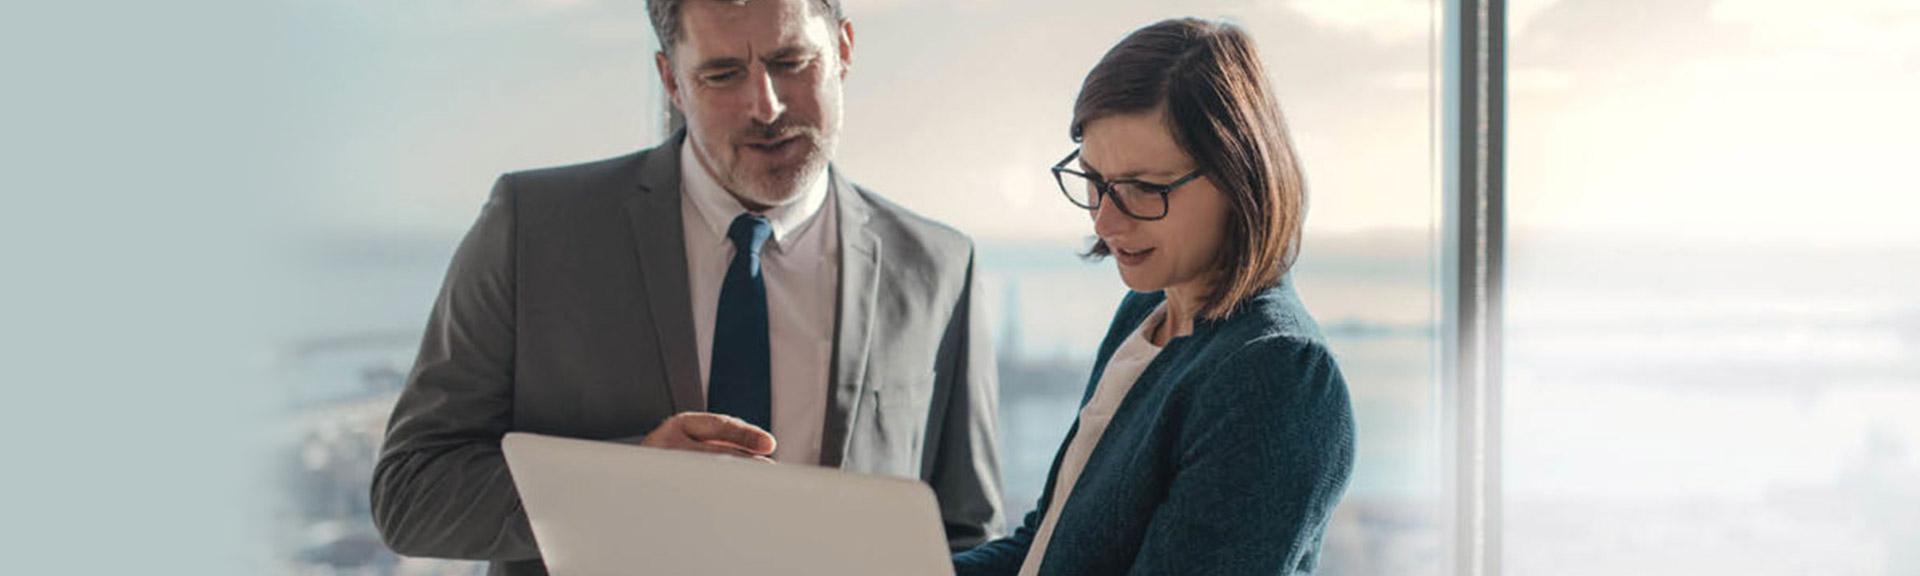 Sistema de gestão empresarial DEAK: Por que investir?